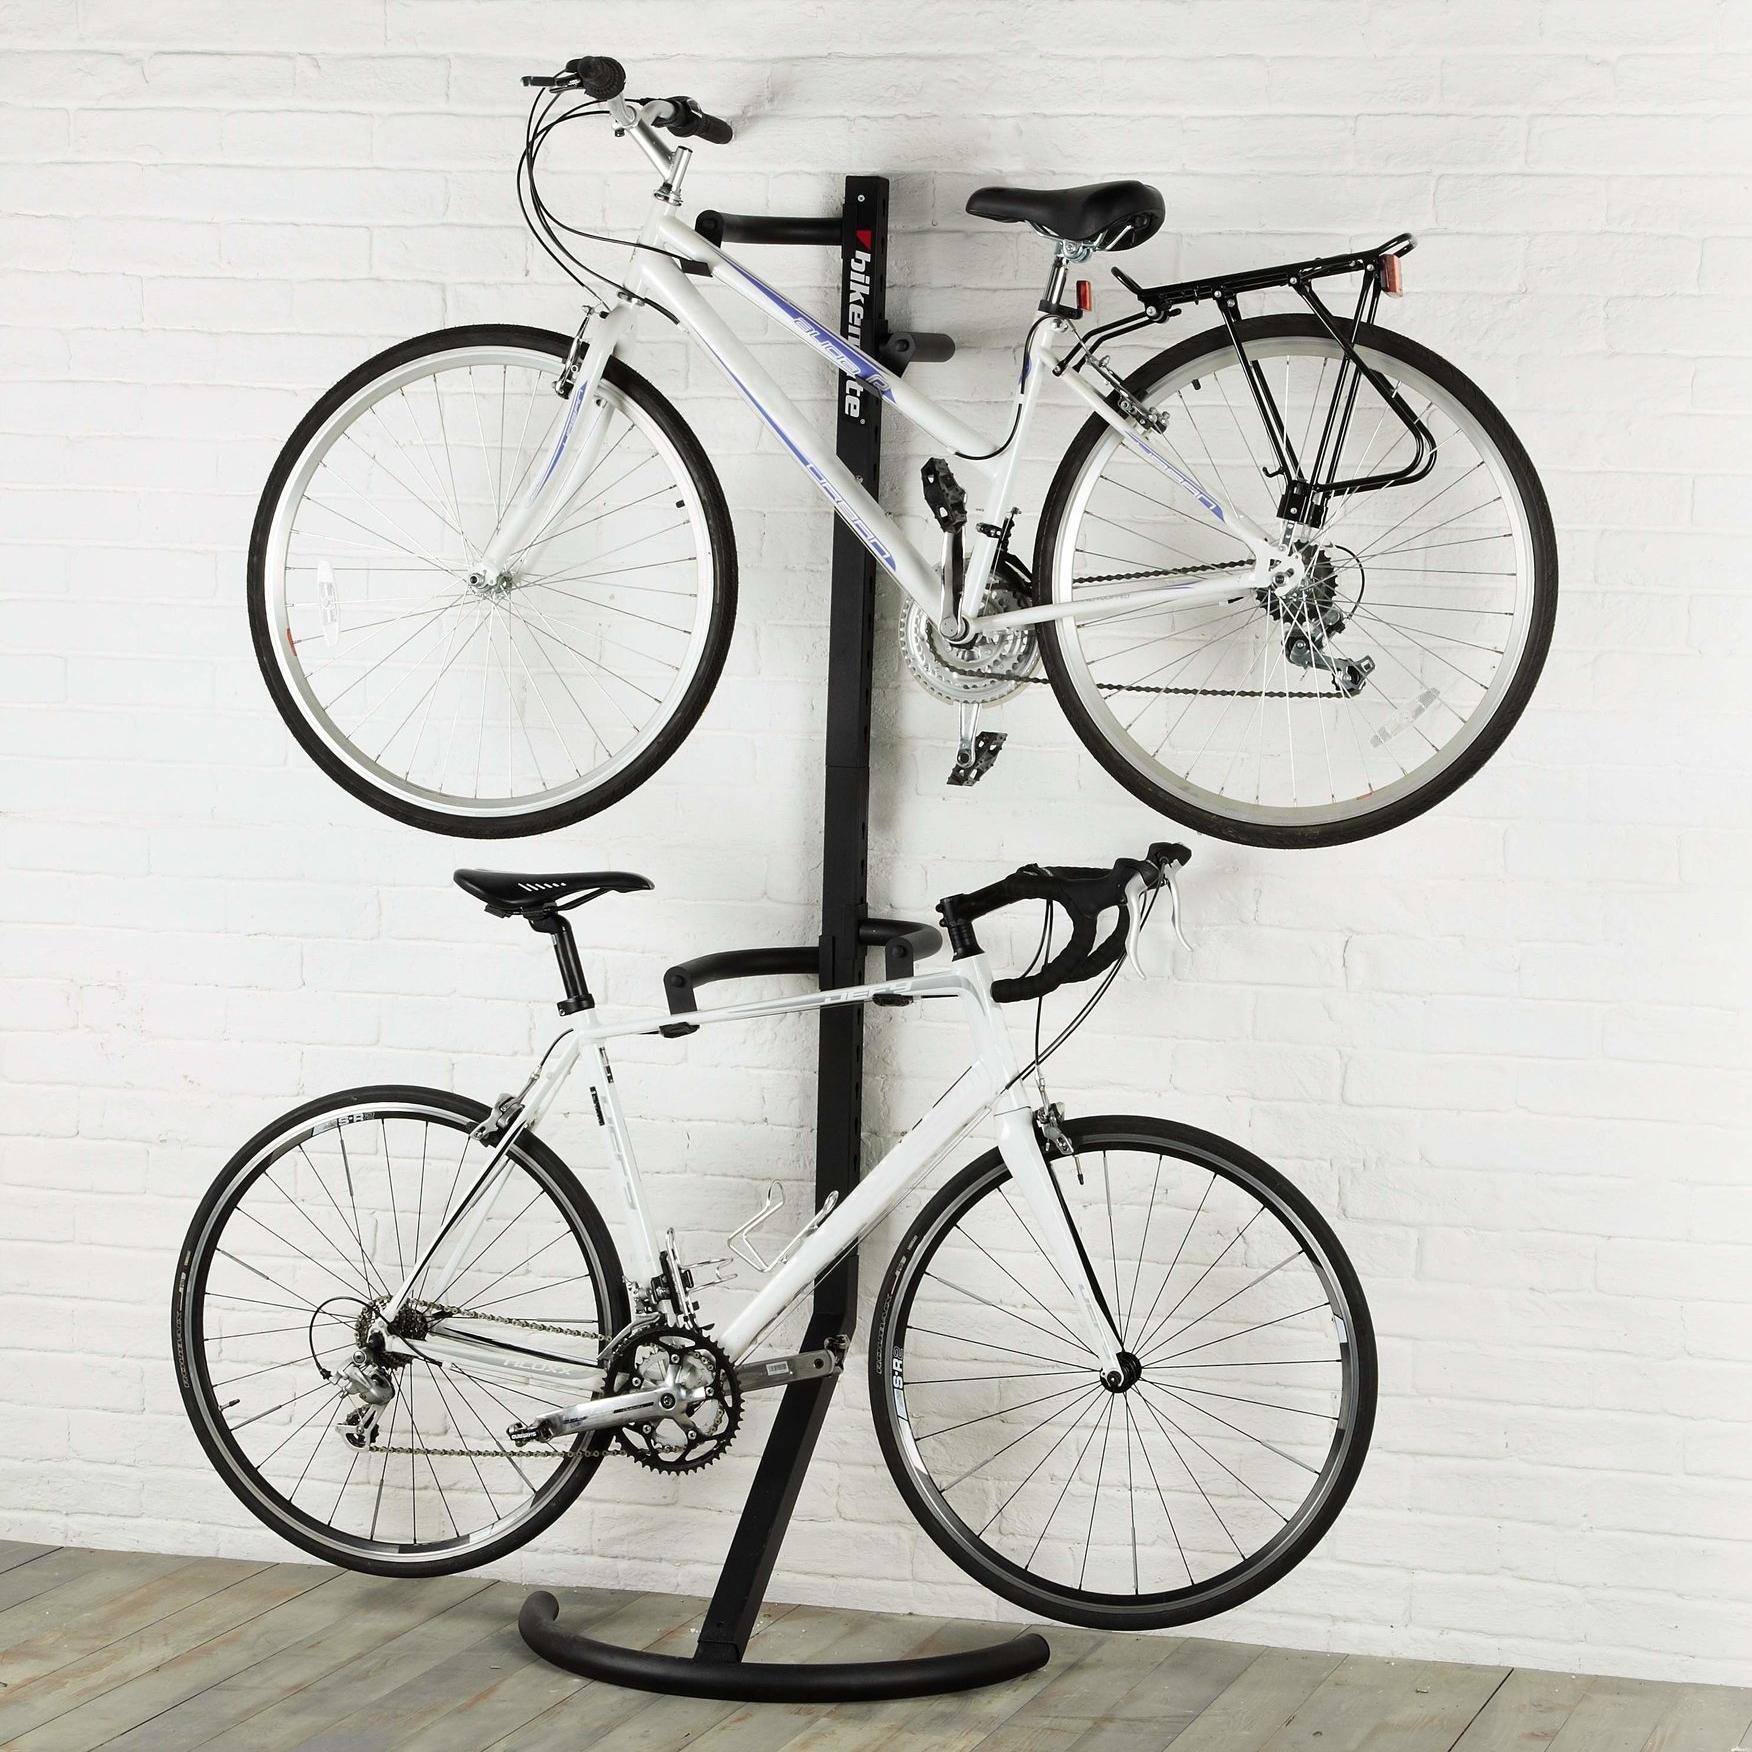 Aldi bike stand